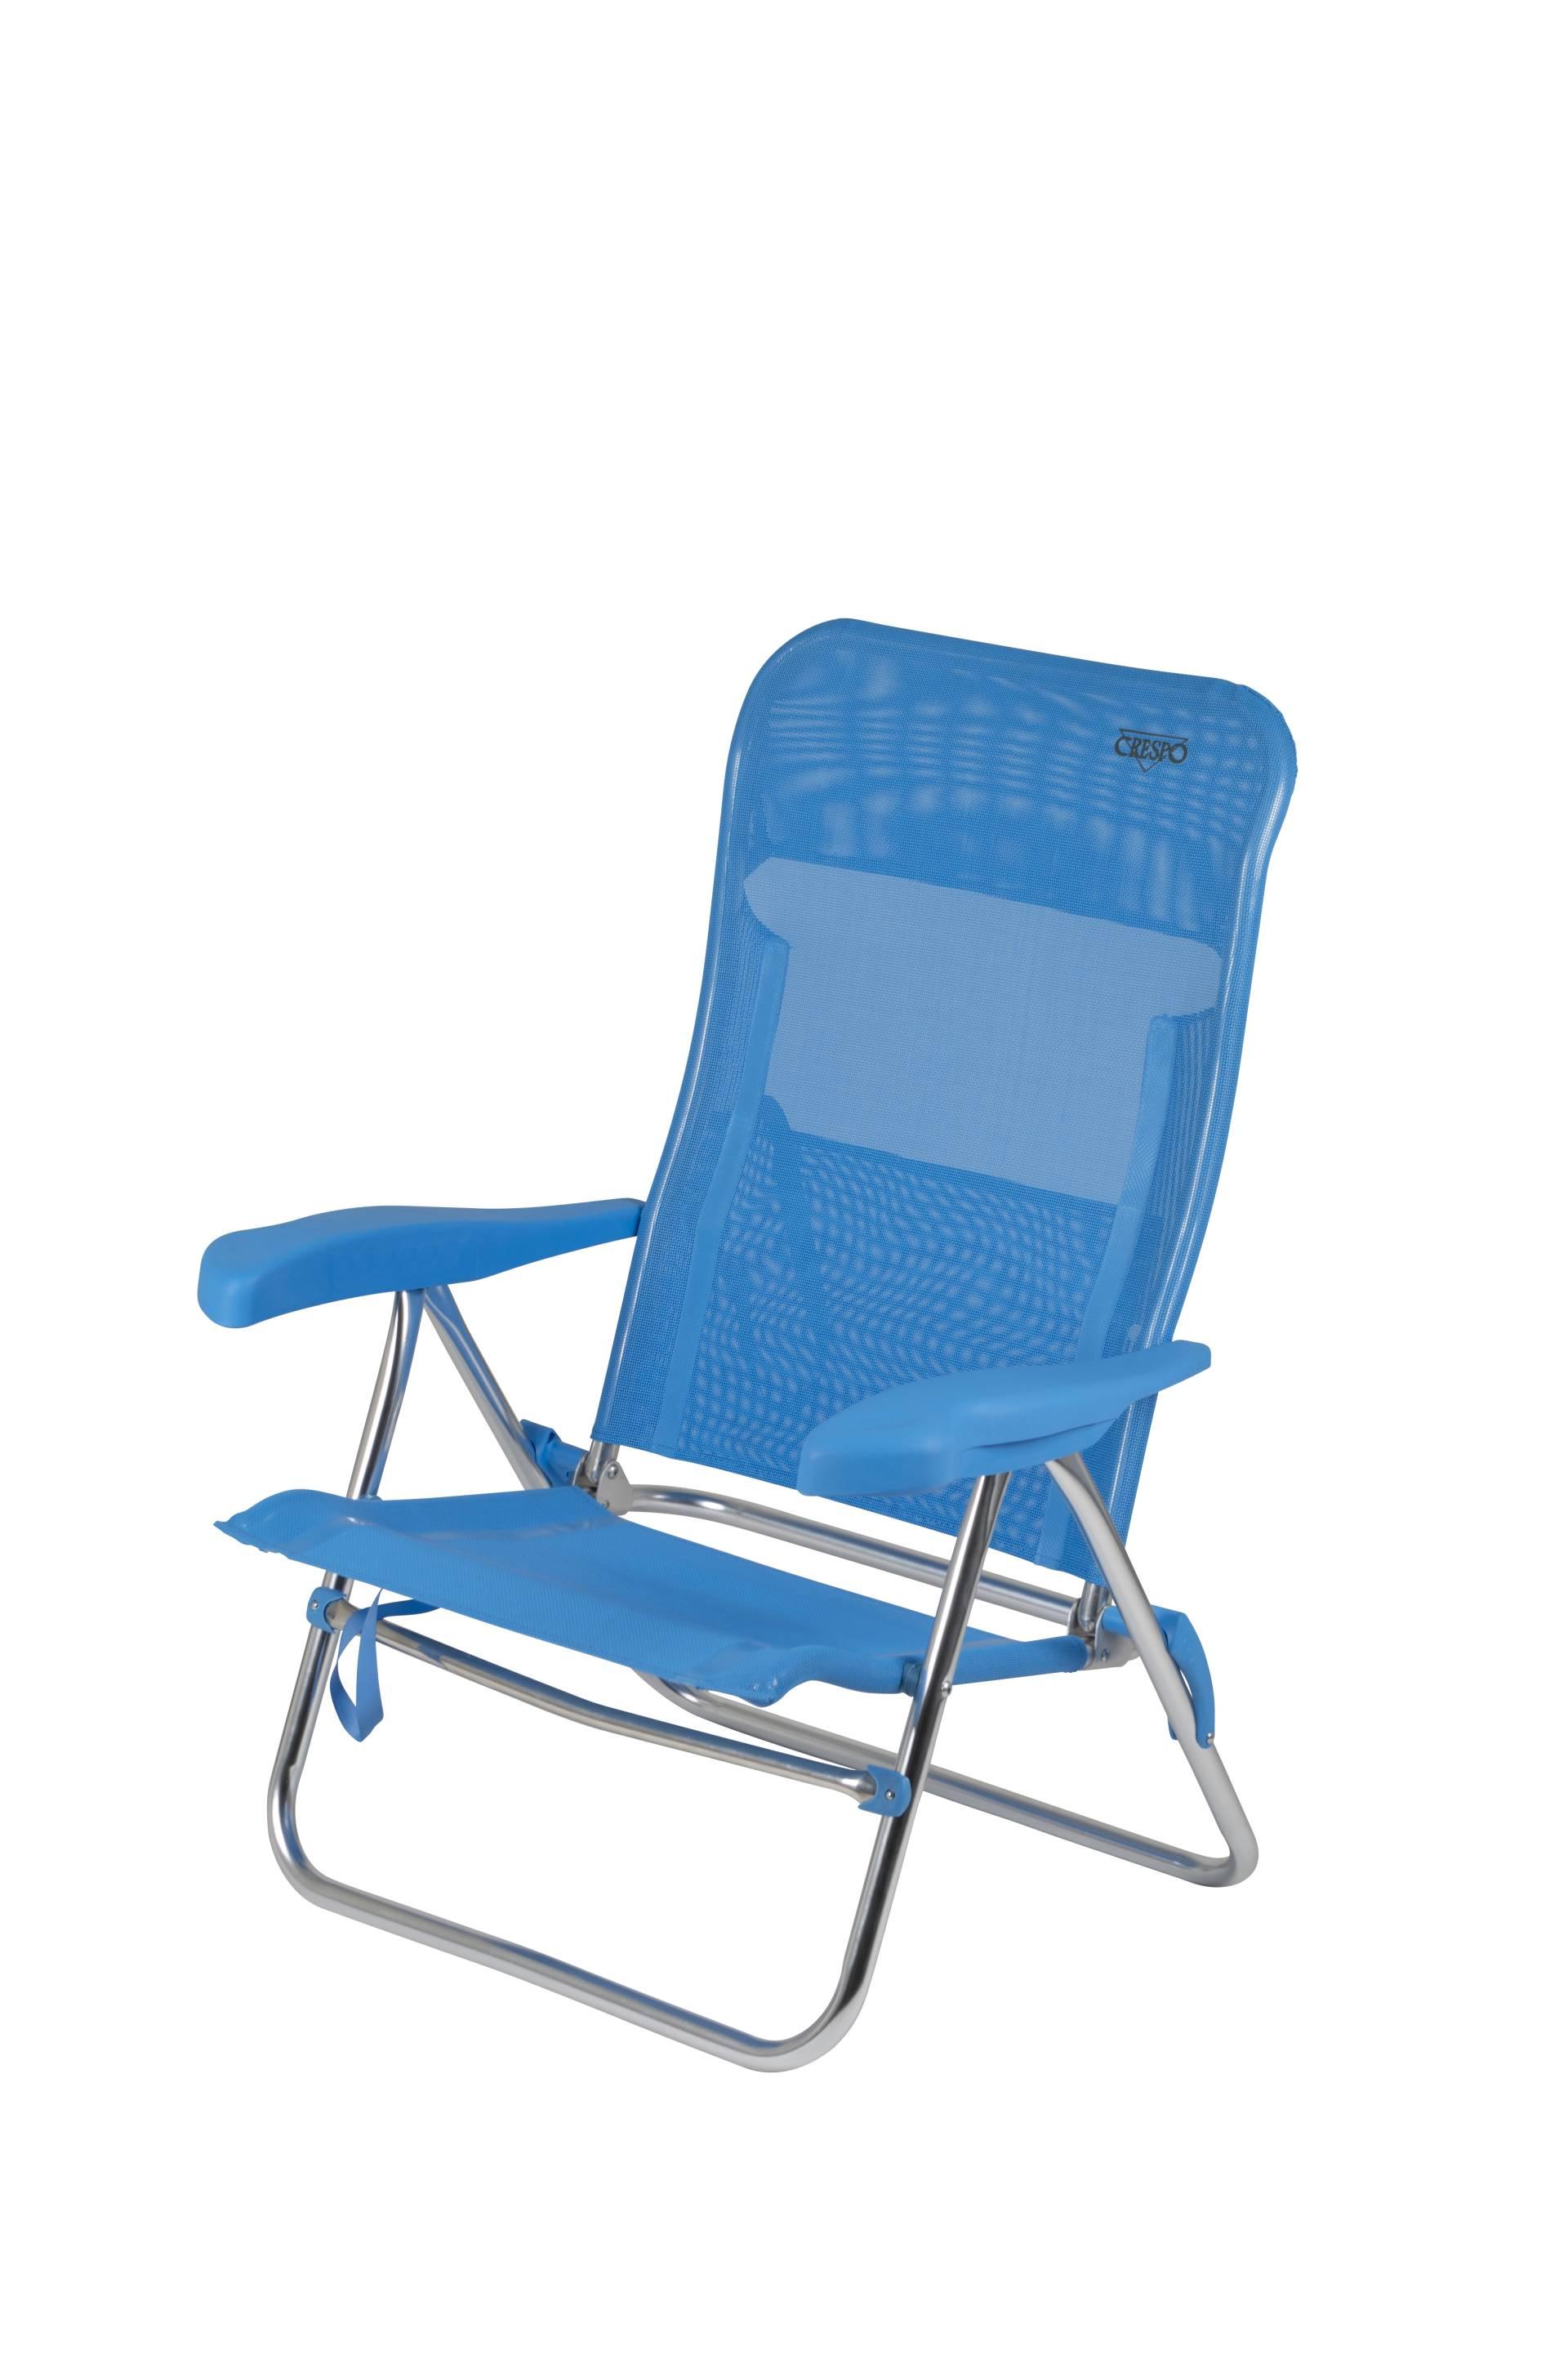 Crespo Strandstoel Aanbieding.Crespo Strandstoel Al 205 Blauw 05